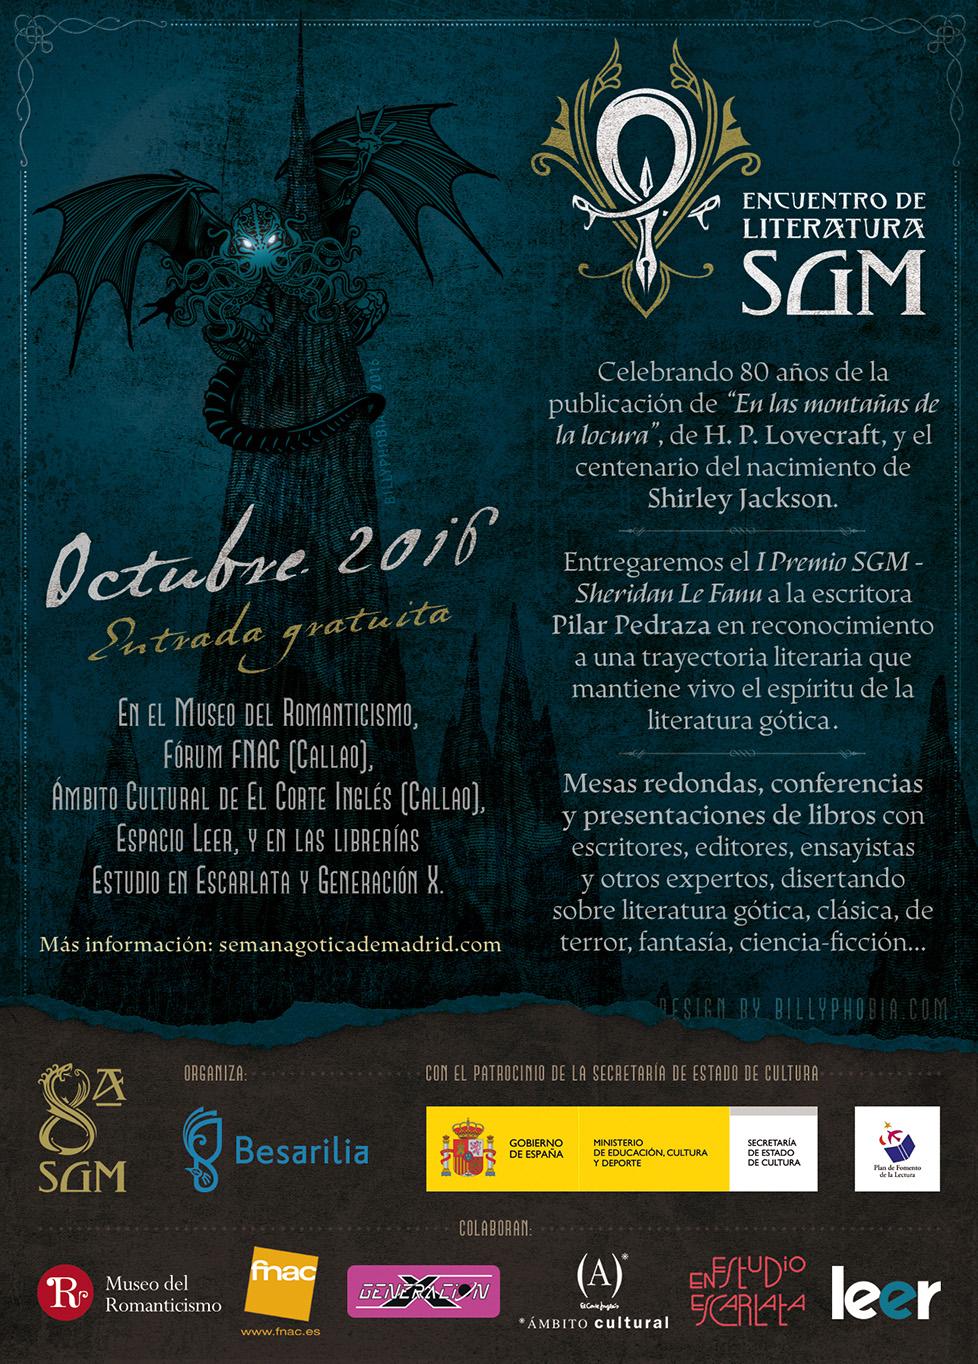 Encuentro de Literatura 2016 - VIII Semana Gótica de Madrid